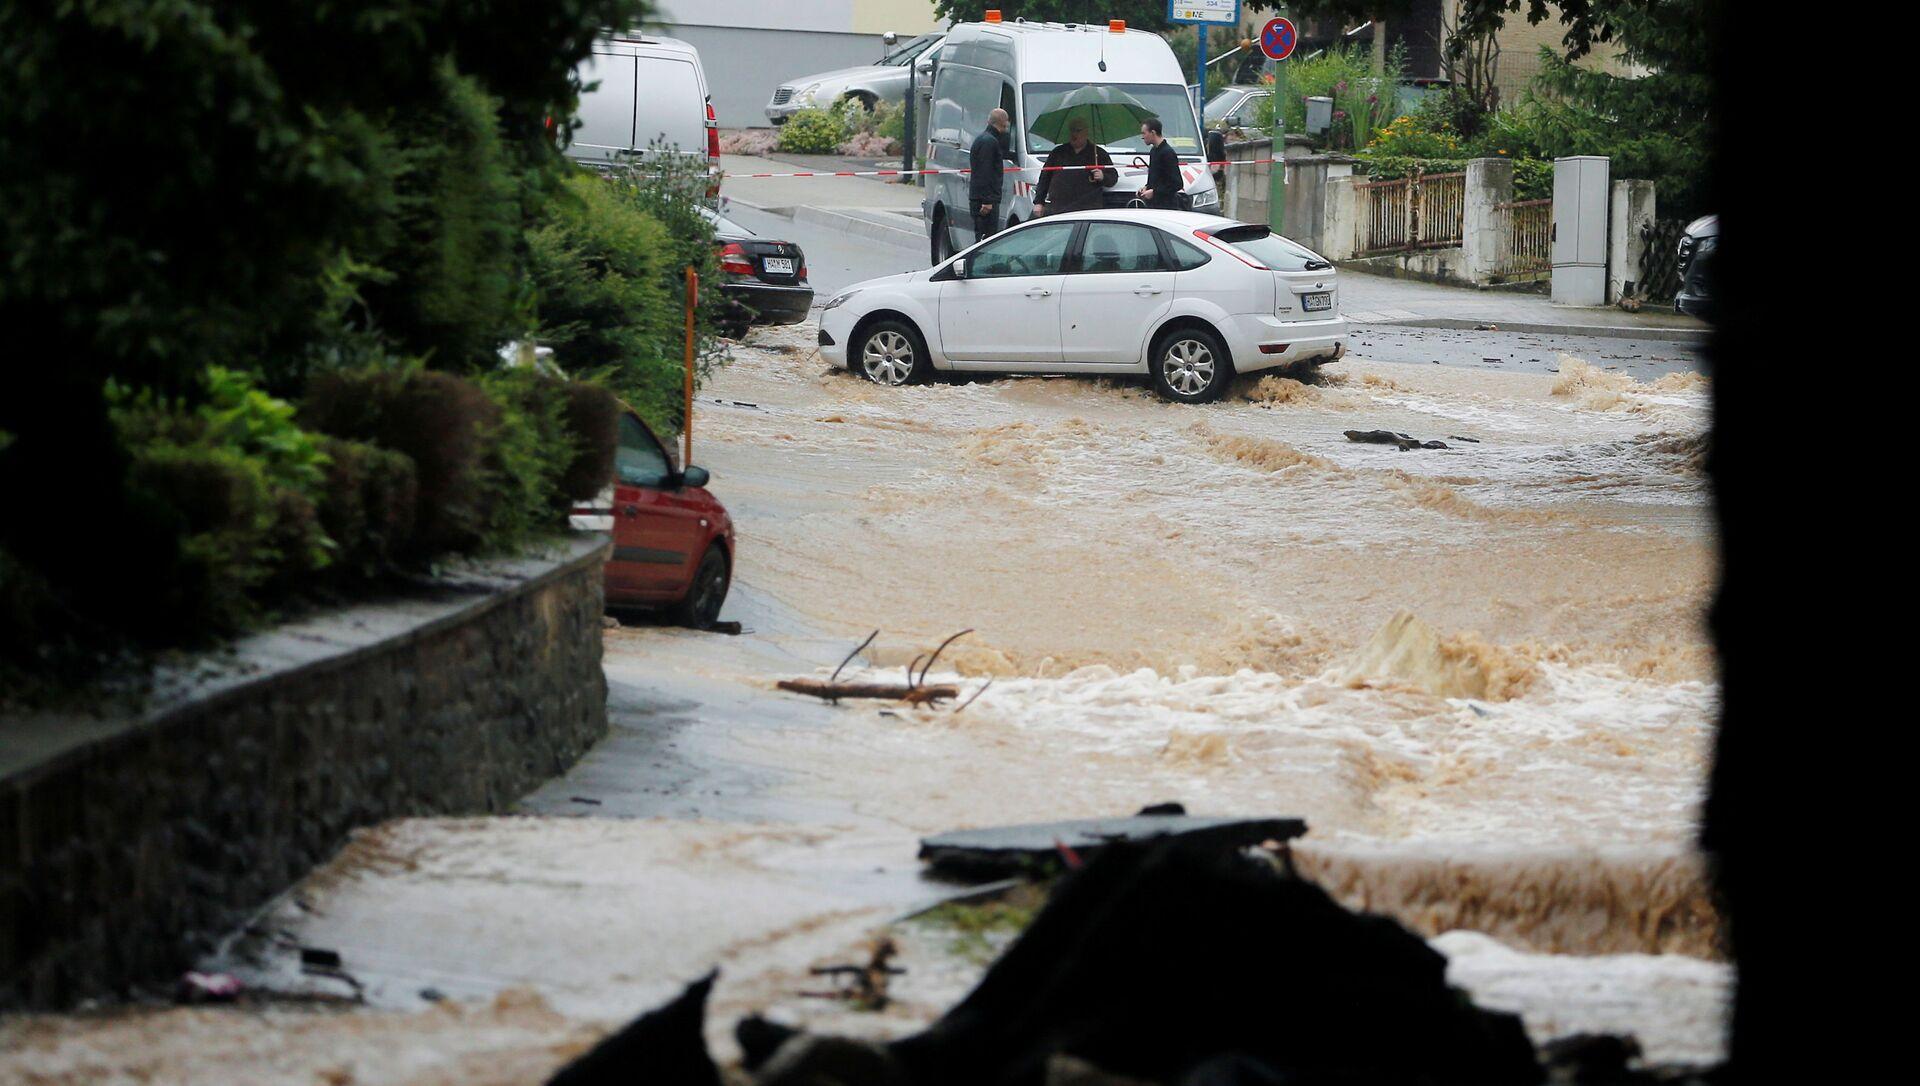 A flooded street is seen following heavy rainfalls in Hagen, Germany, July 14, 2021.   REUTERS/Leon Kuegeler - Sputnik International, 1920, 15.07.2021